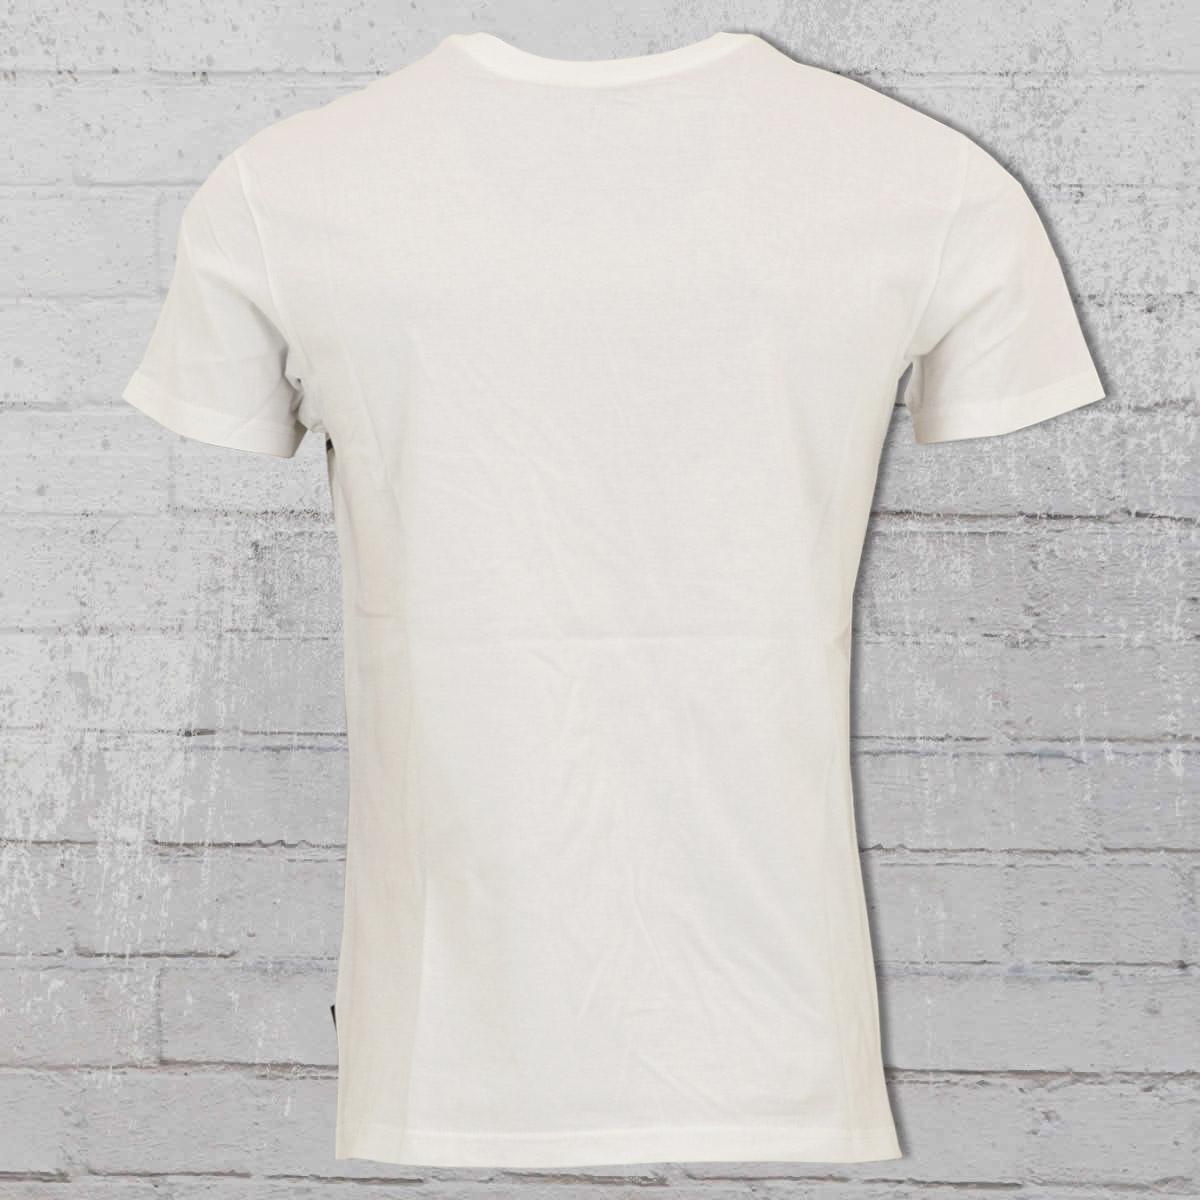 740561db0c1da Have you seen  Billabong Men Pocketed T-Shirt Turf War creme white